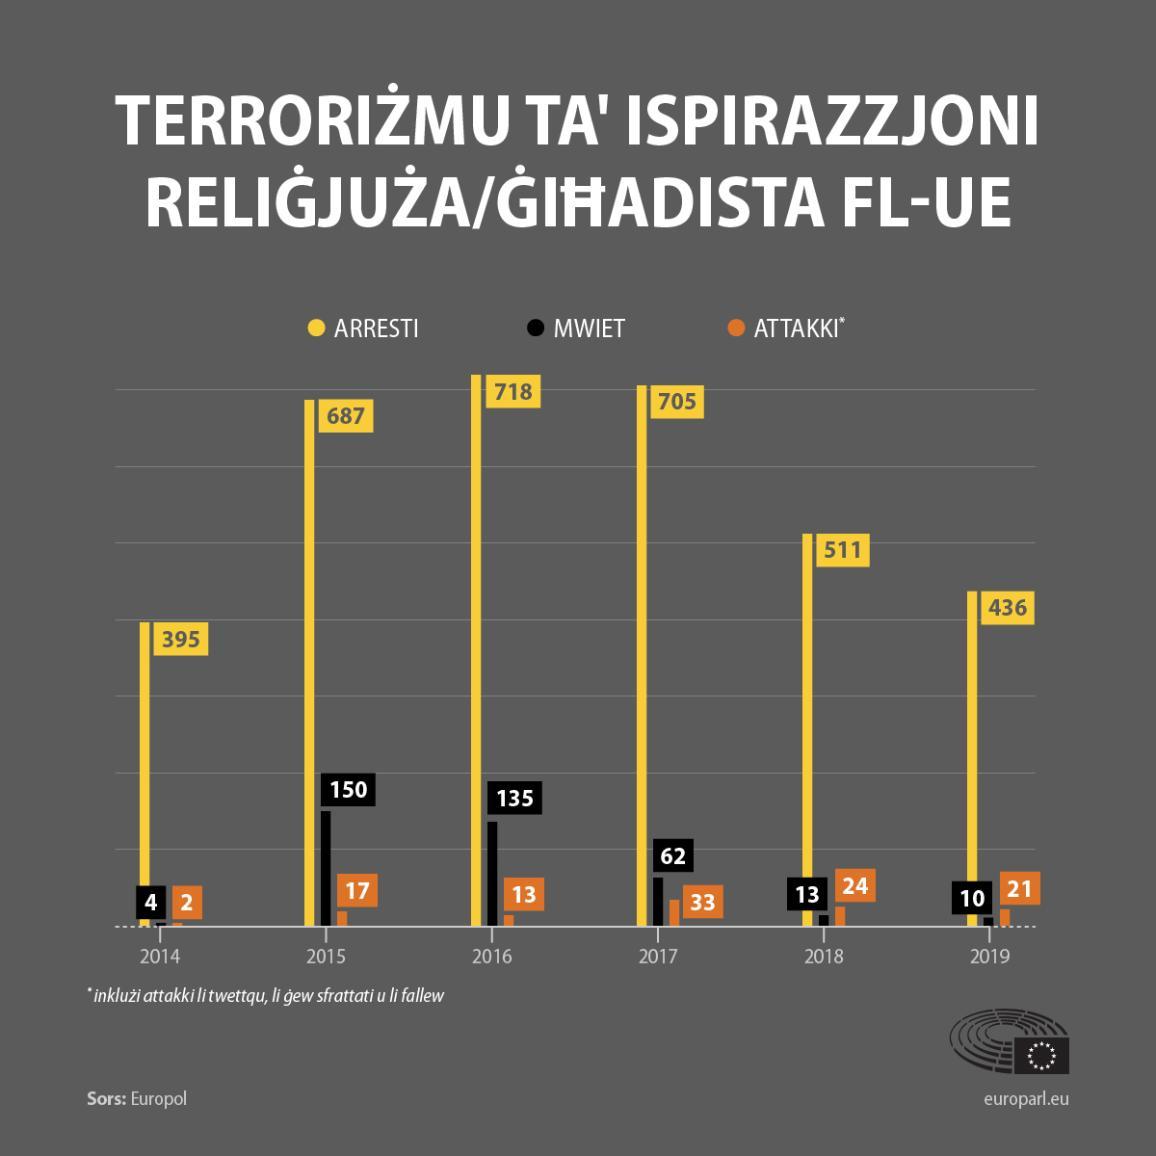 It-terroriżmu ġiħadista fl-UE mill-2014: attakki, imwiet, arresti (data tal-Europol)